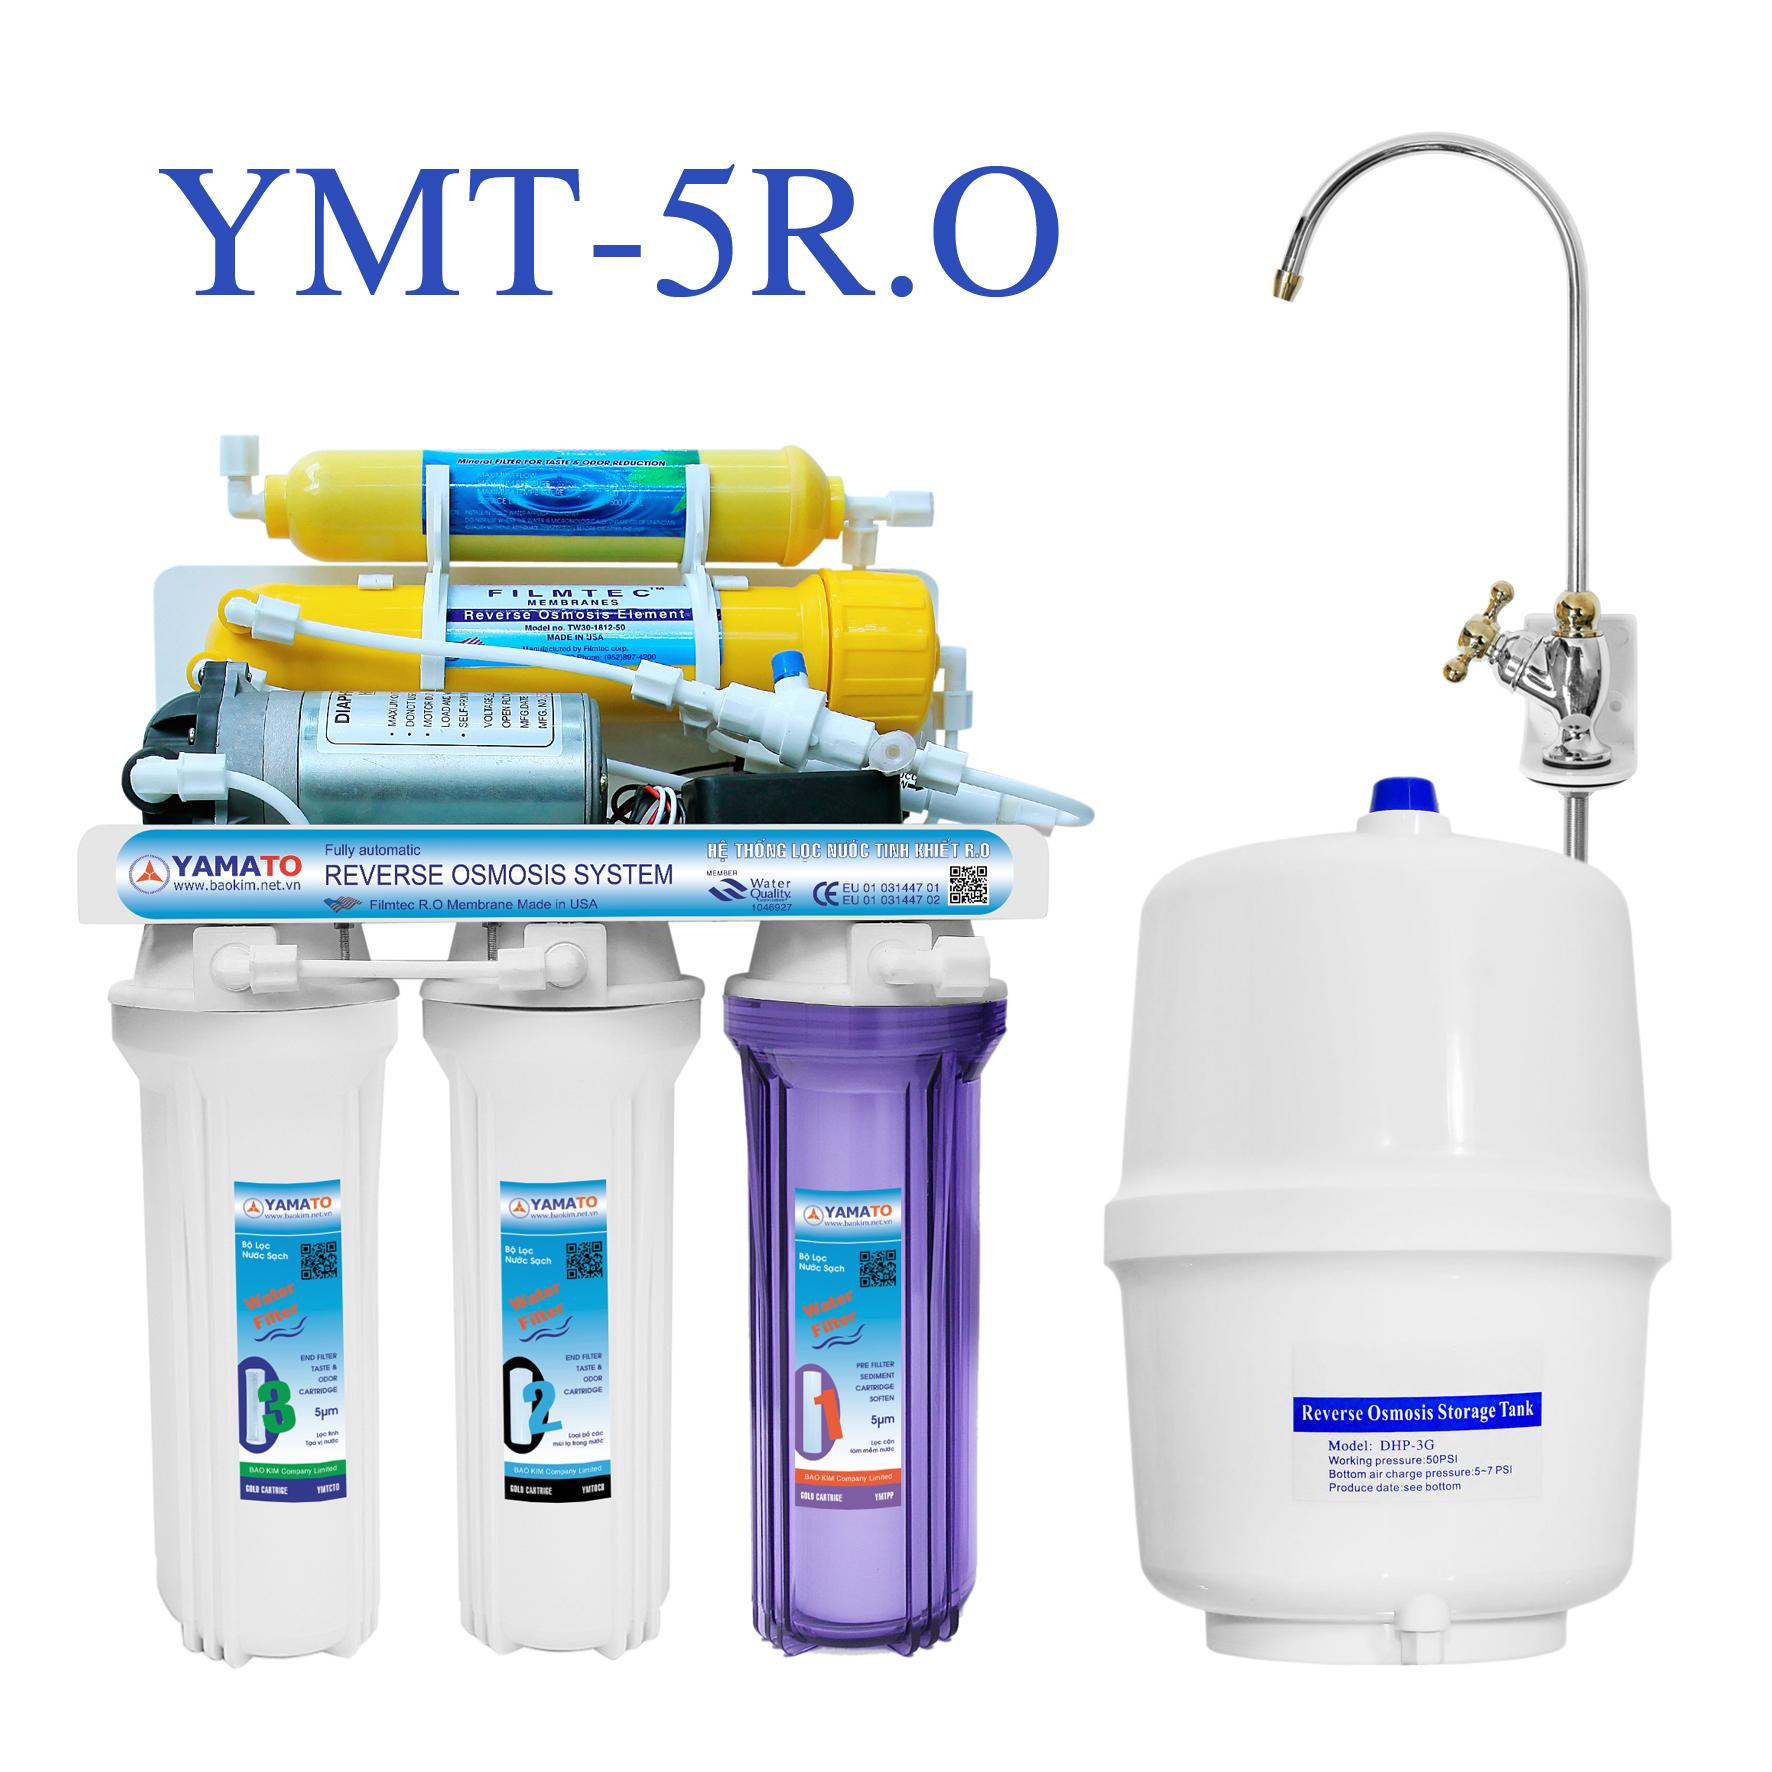 Máy lọc nước R.O YAMATO 5 cấp lọc YMT-5RO- Hàng chính hãng